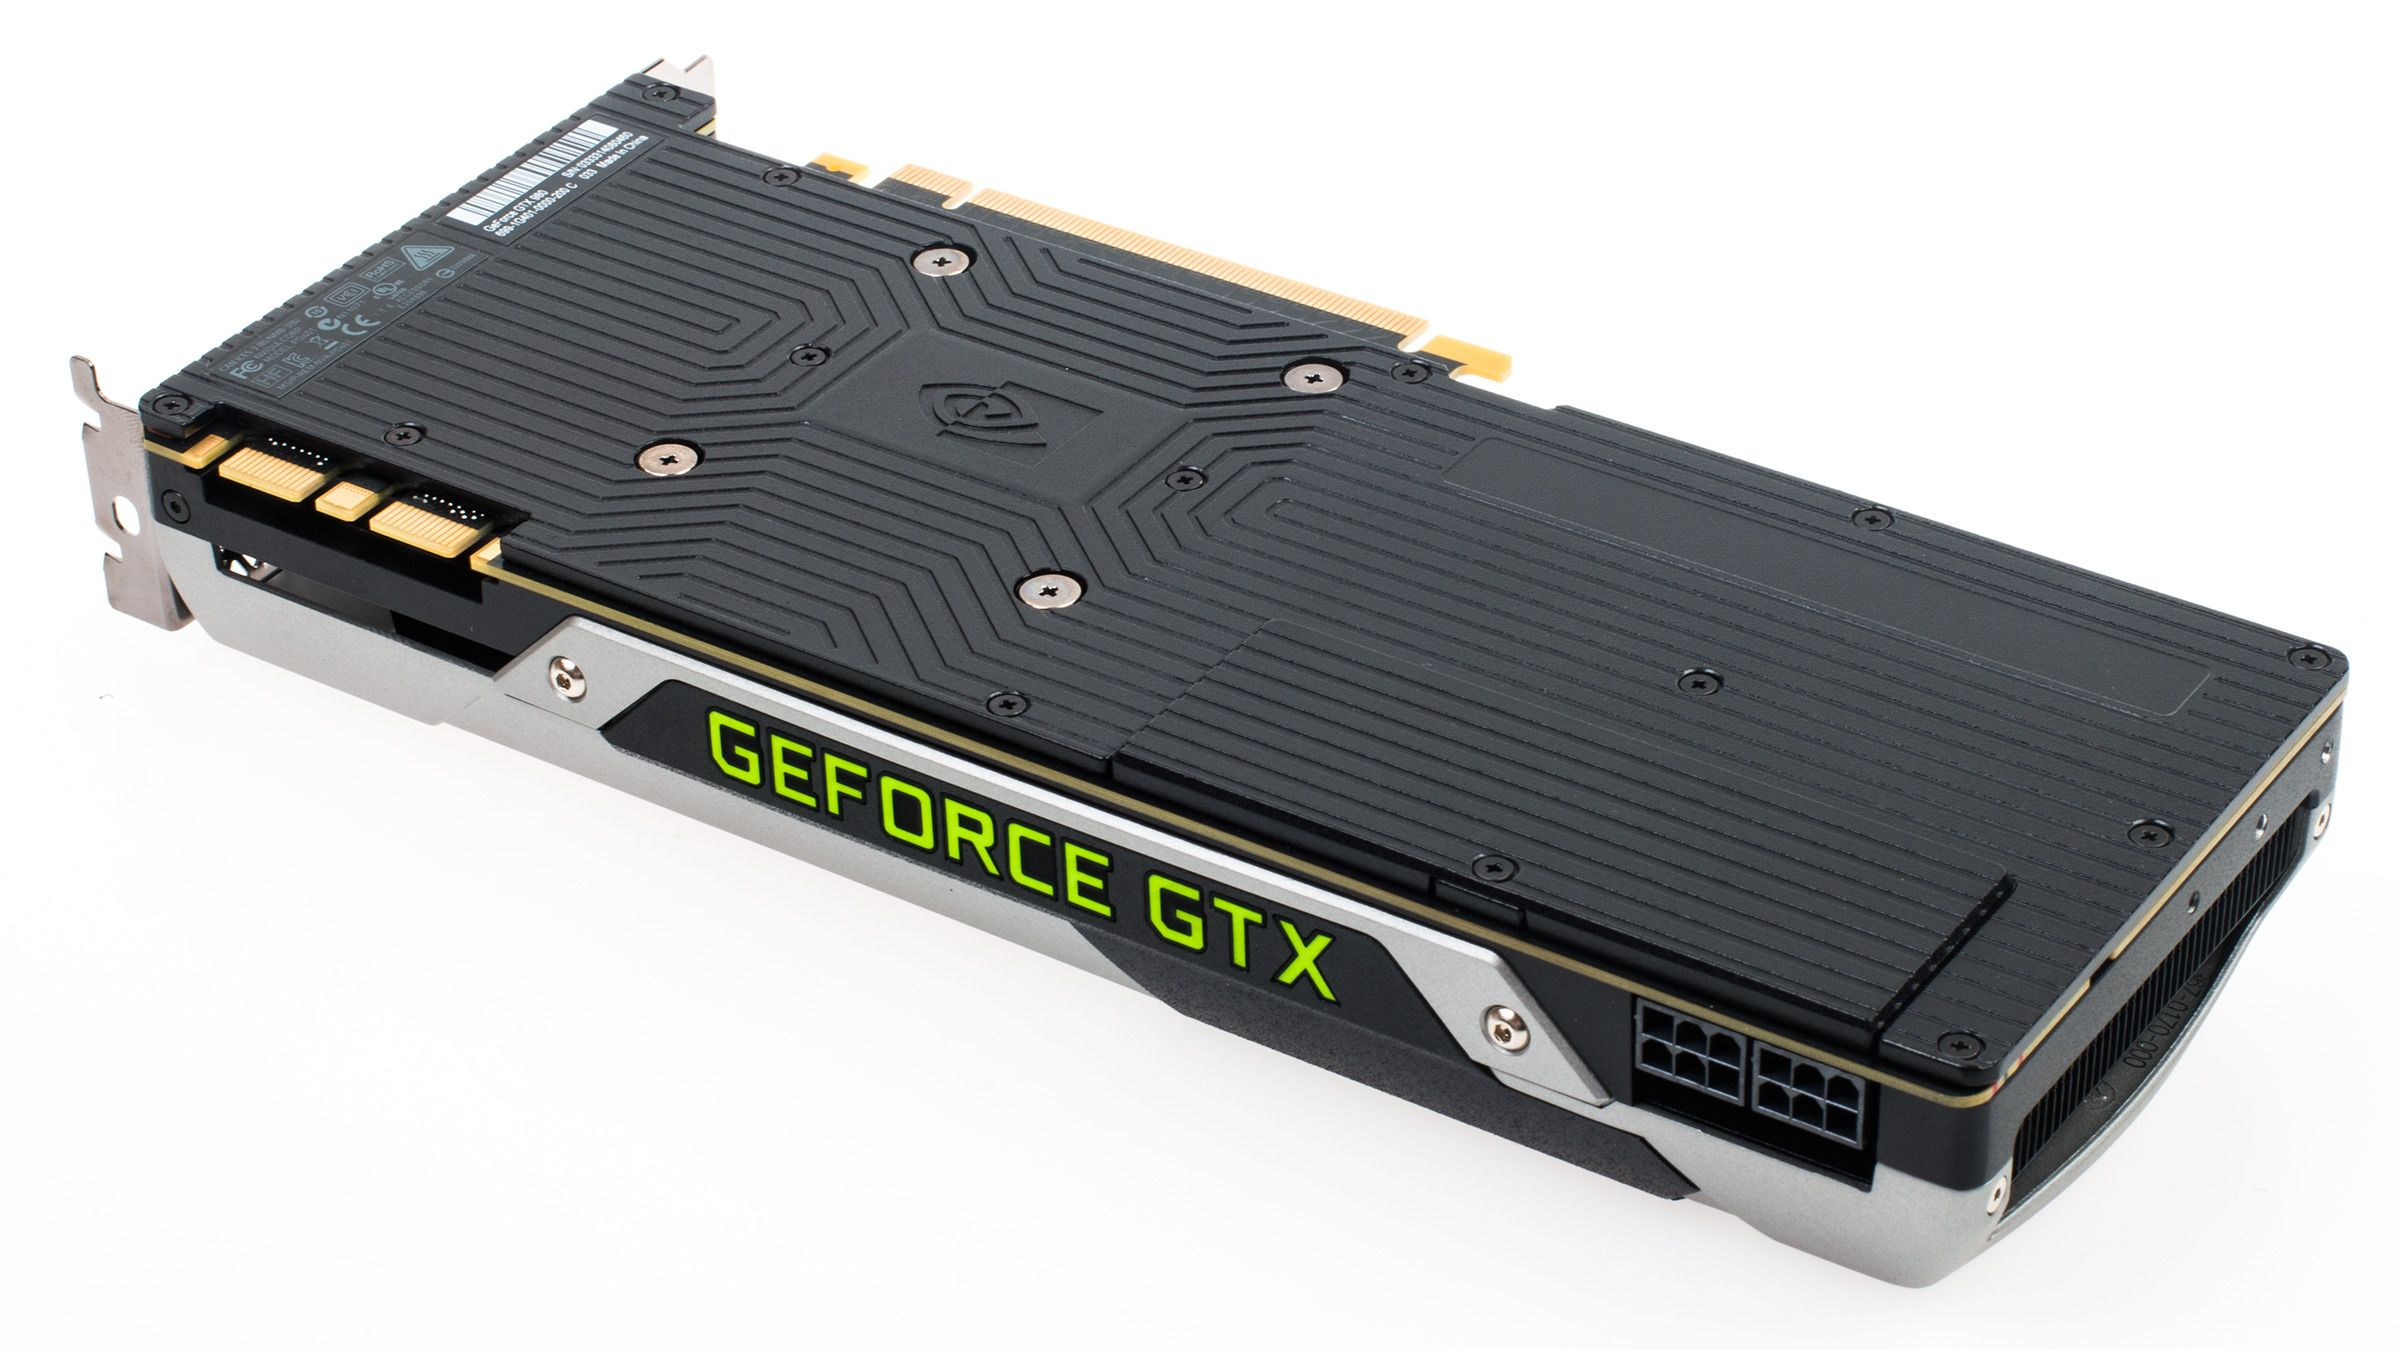 Nvidia GeForce GTX 980 har fått en sort bakplate, som kanskje kan hjelpe til med å lede unna litt varme. Den lille luken ved strømkontaktene er ment å kunne fjernes dersom man kjører flere slike kort i SLI for å forbedre luftgjennomstrømmingen.Foto: Varg Aamo, Tek.no